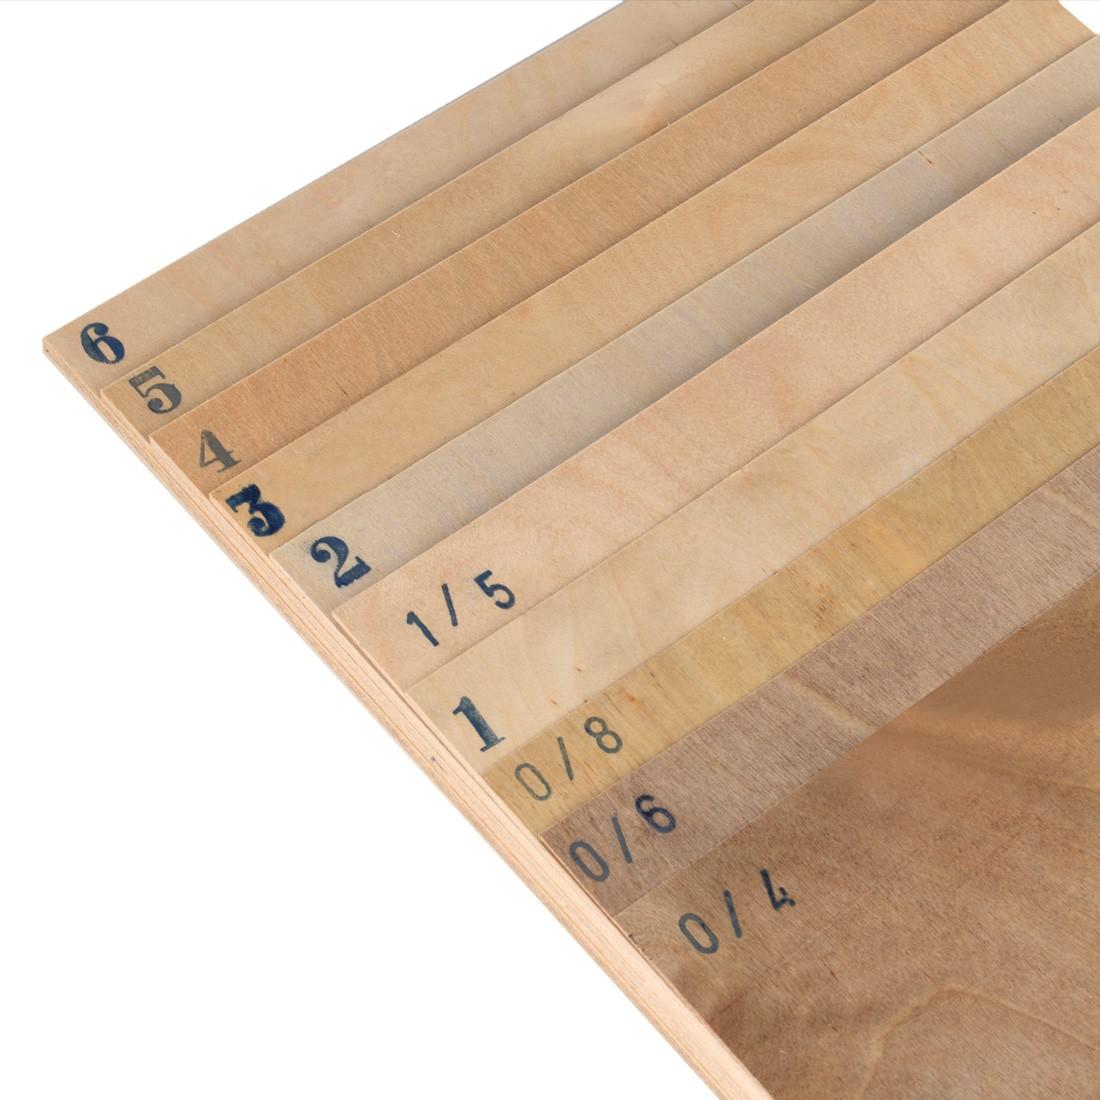 Avio Birch plywood mm.2 cm.122x40